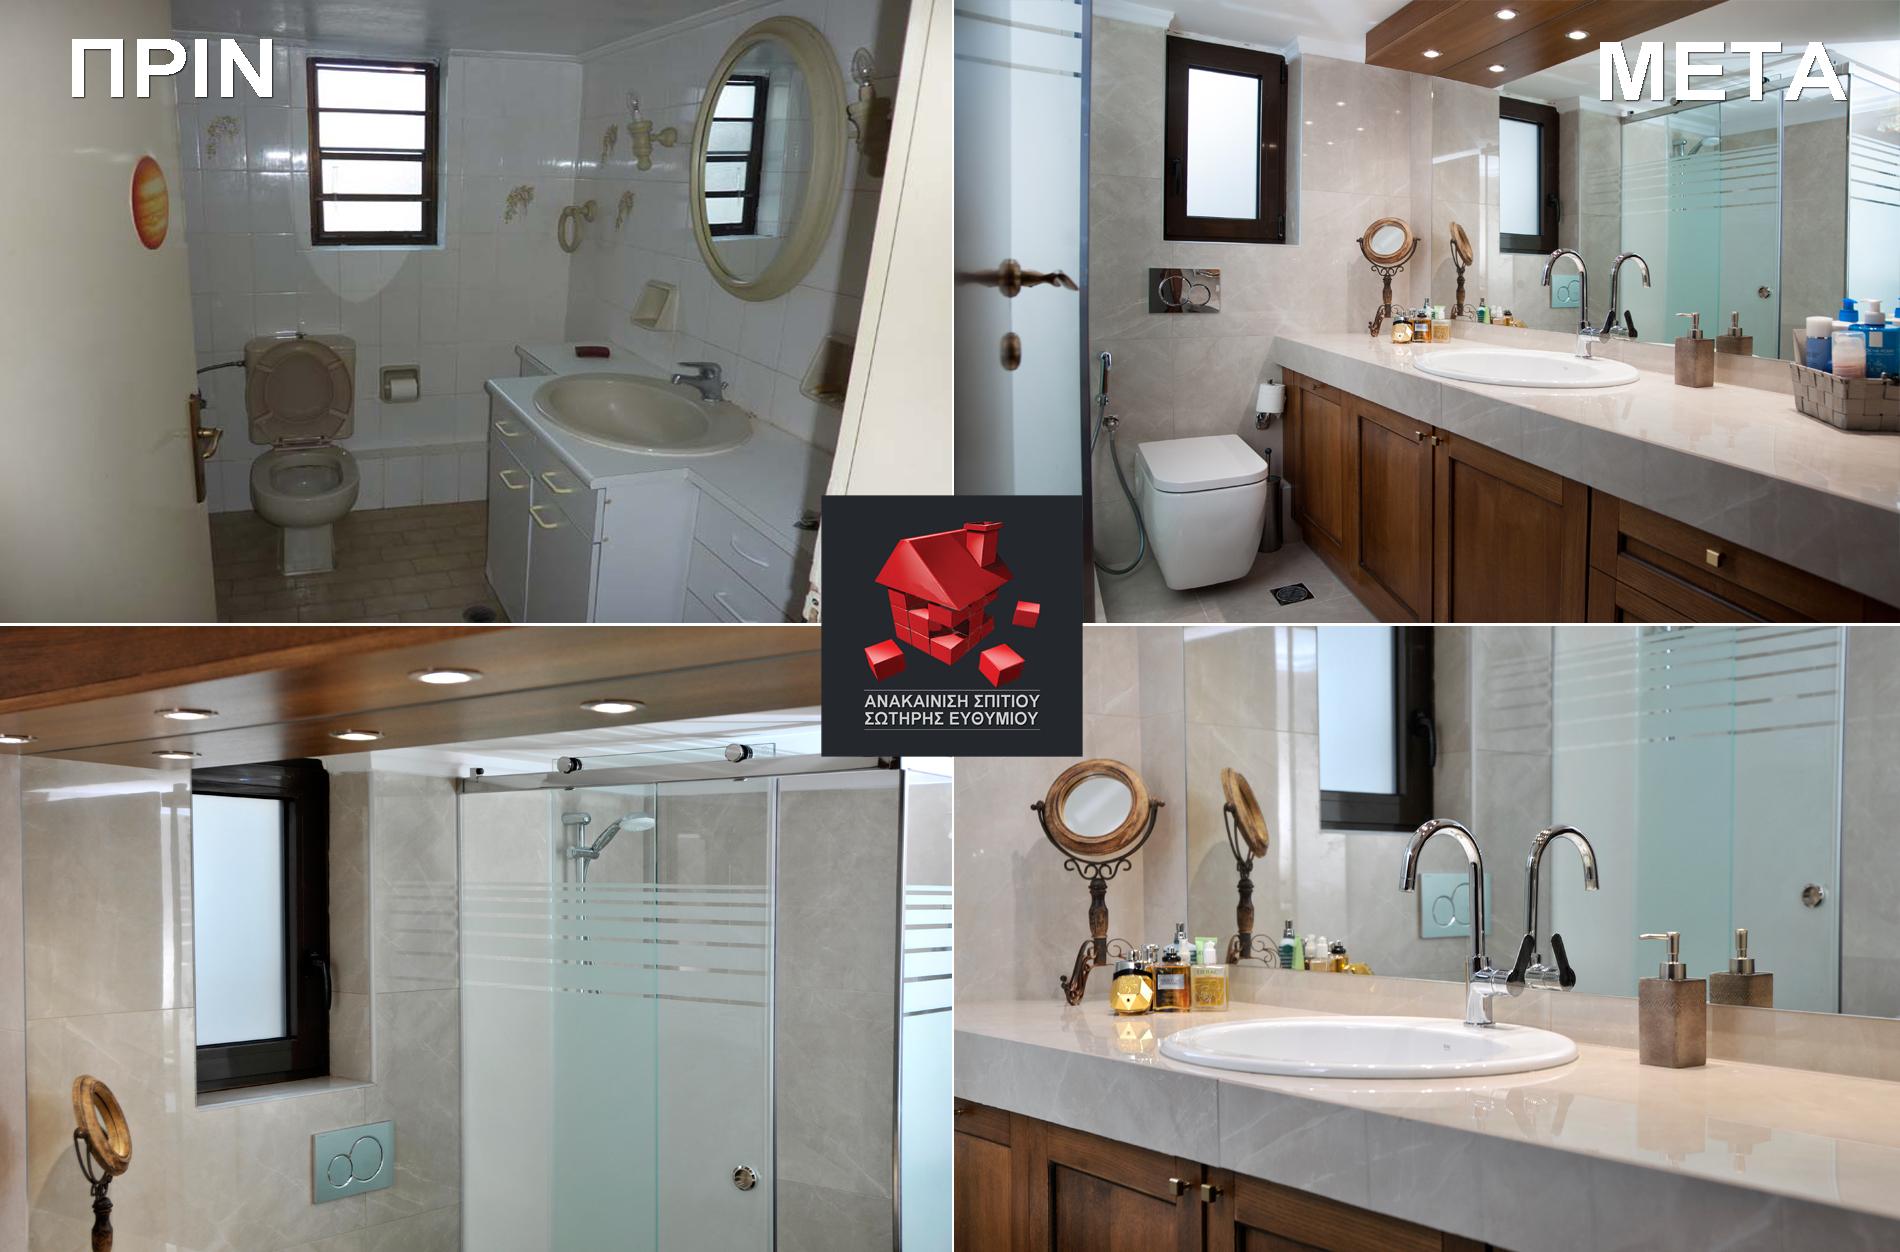 Ανακαίνιση μπάνιου πριν και μετά στο Ψυχικό